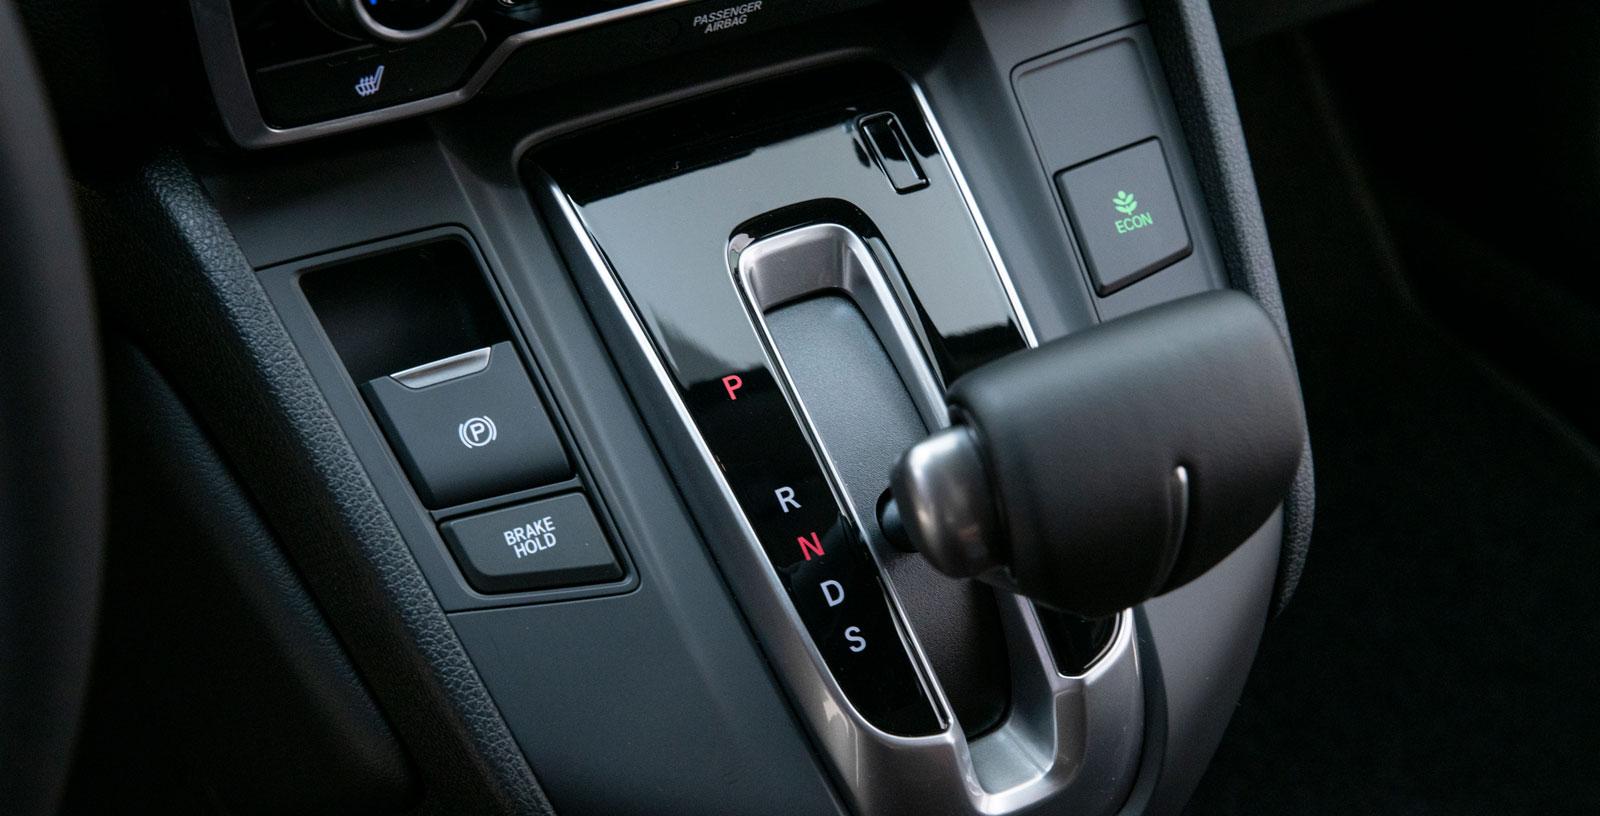 Elektrisk handbroms spar utrymme. Knappen till höger är för miljösnäll körning. Påverkar bland annat gaspedal och farthållare (tillåter något större hastighetsvariation).